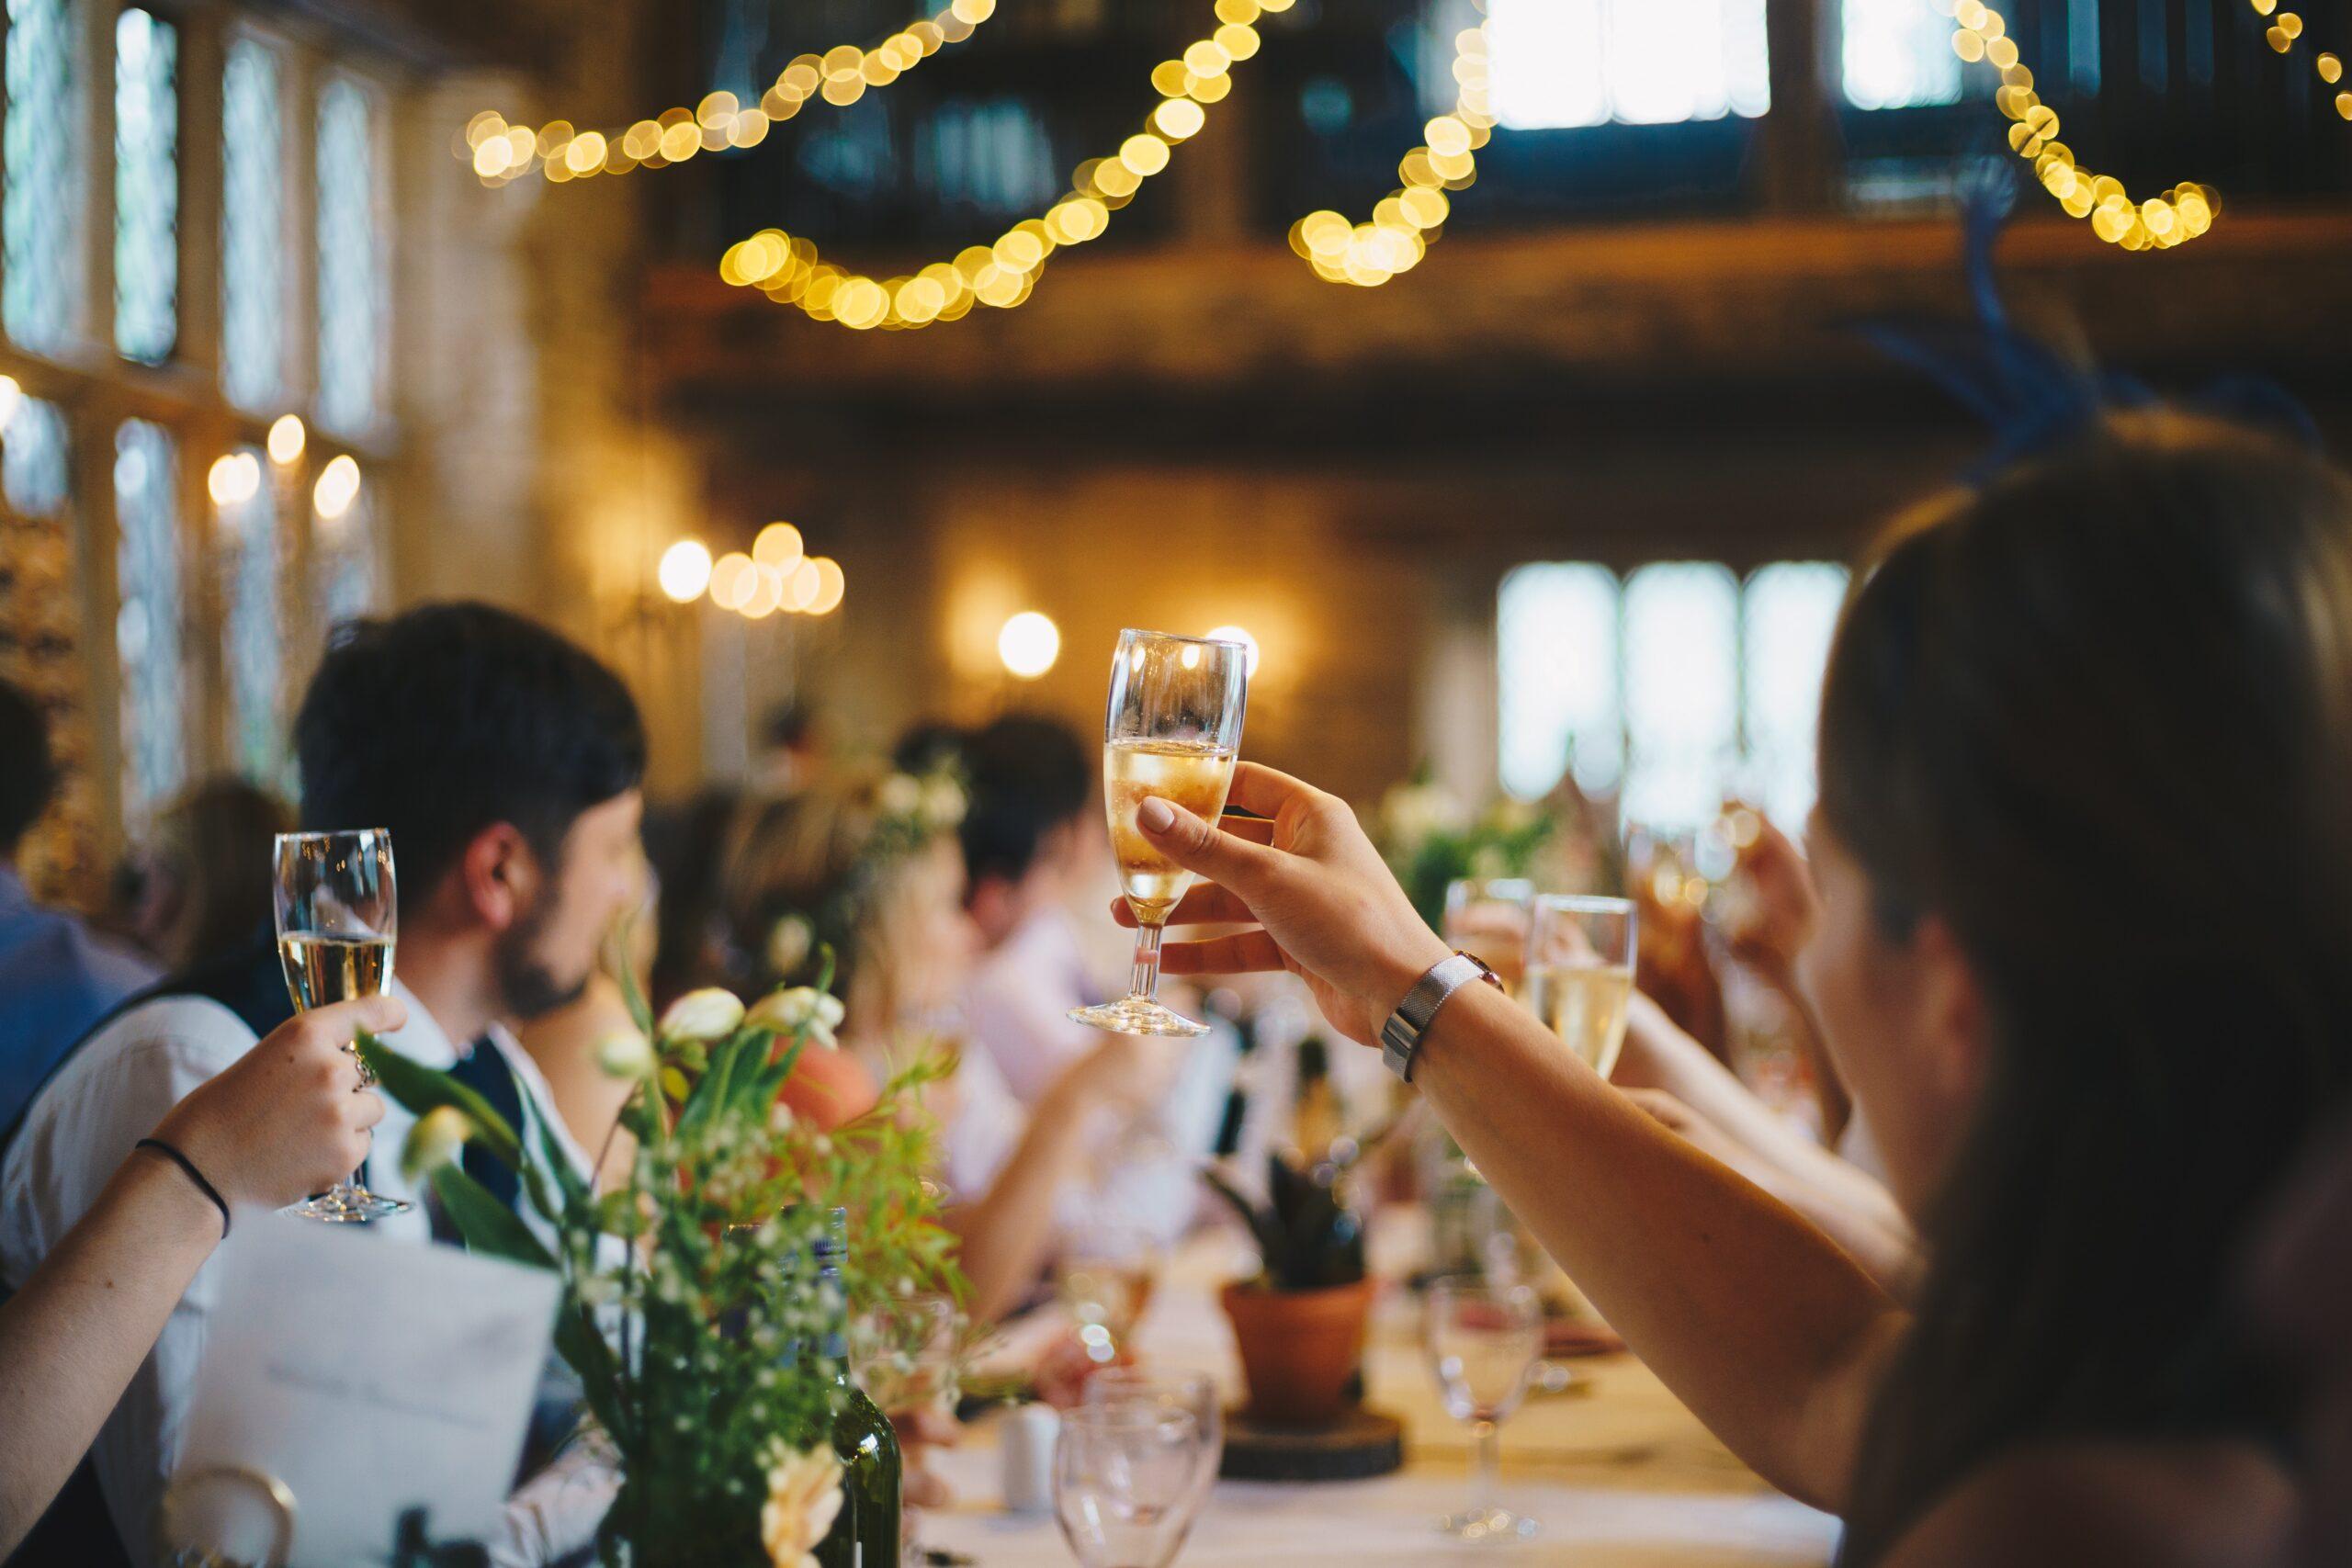 Jak ubrać się na wesele, jak ubrać się na poprawiny, kiedy wesele jest zimą